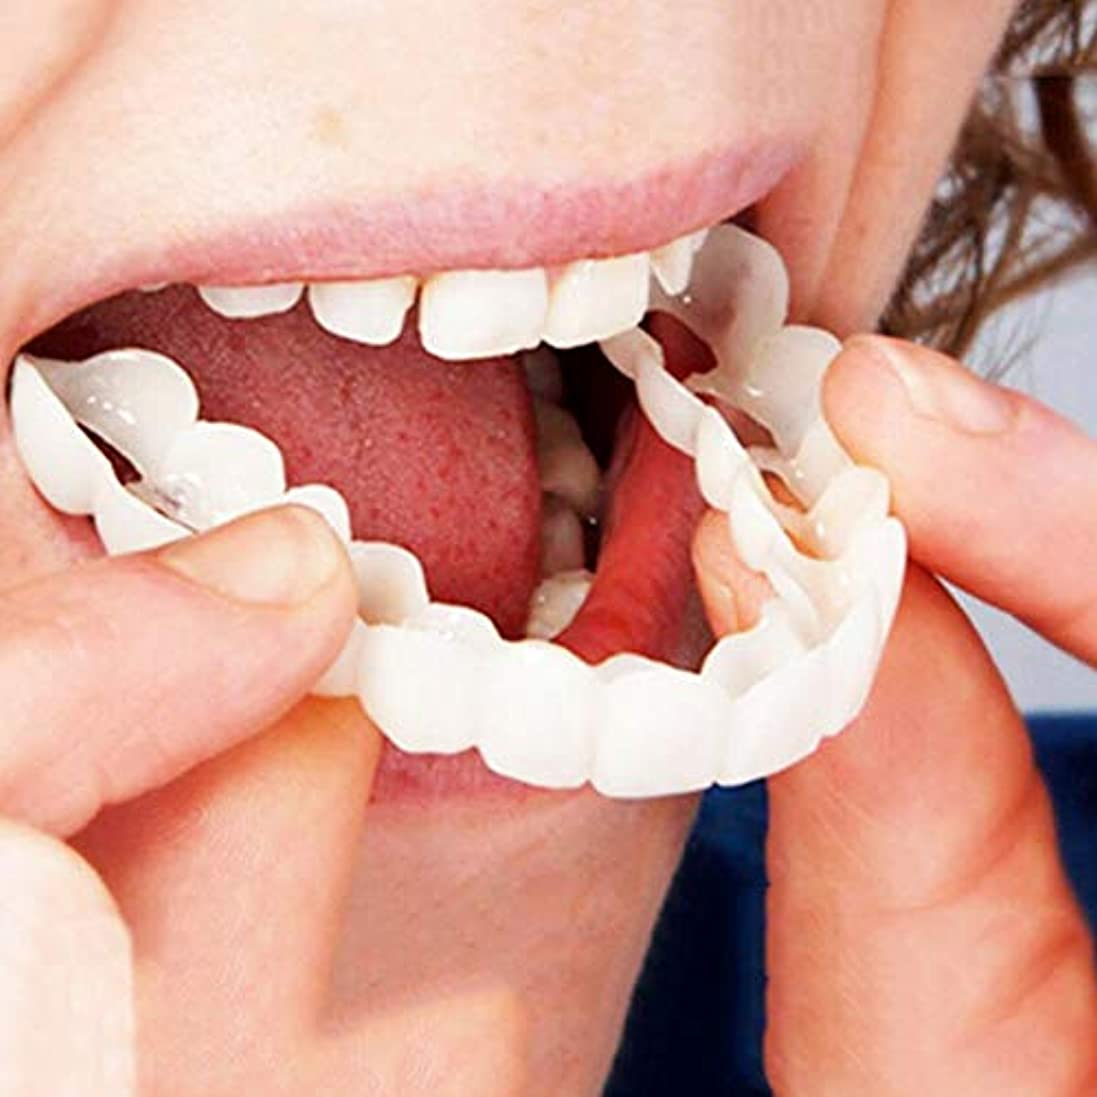 も高音職業TerGOOSE 歯 矯正 矯正器 歯を白く 矯正用リテーナー 完璧な笑顔 快適な 歯列矯正 歯並び 噛み合わせ 歯リテイナー 歯ぎしり いびき防止 多機能 健康管理ツール 歯の損傷を防ぐ 有効 (下+上)